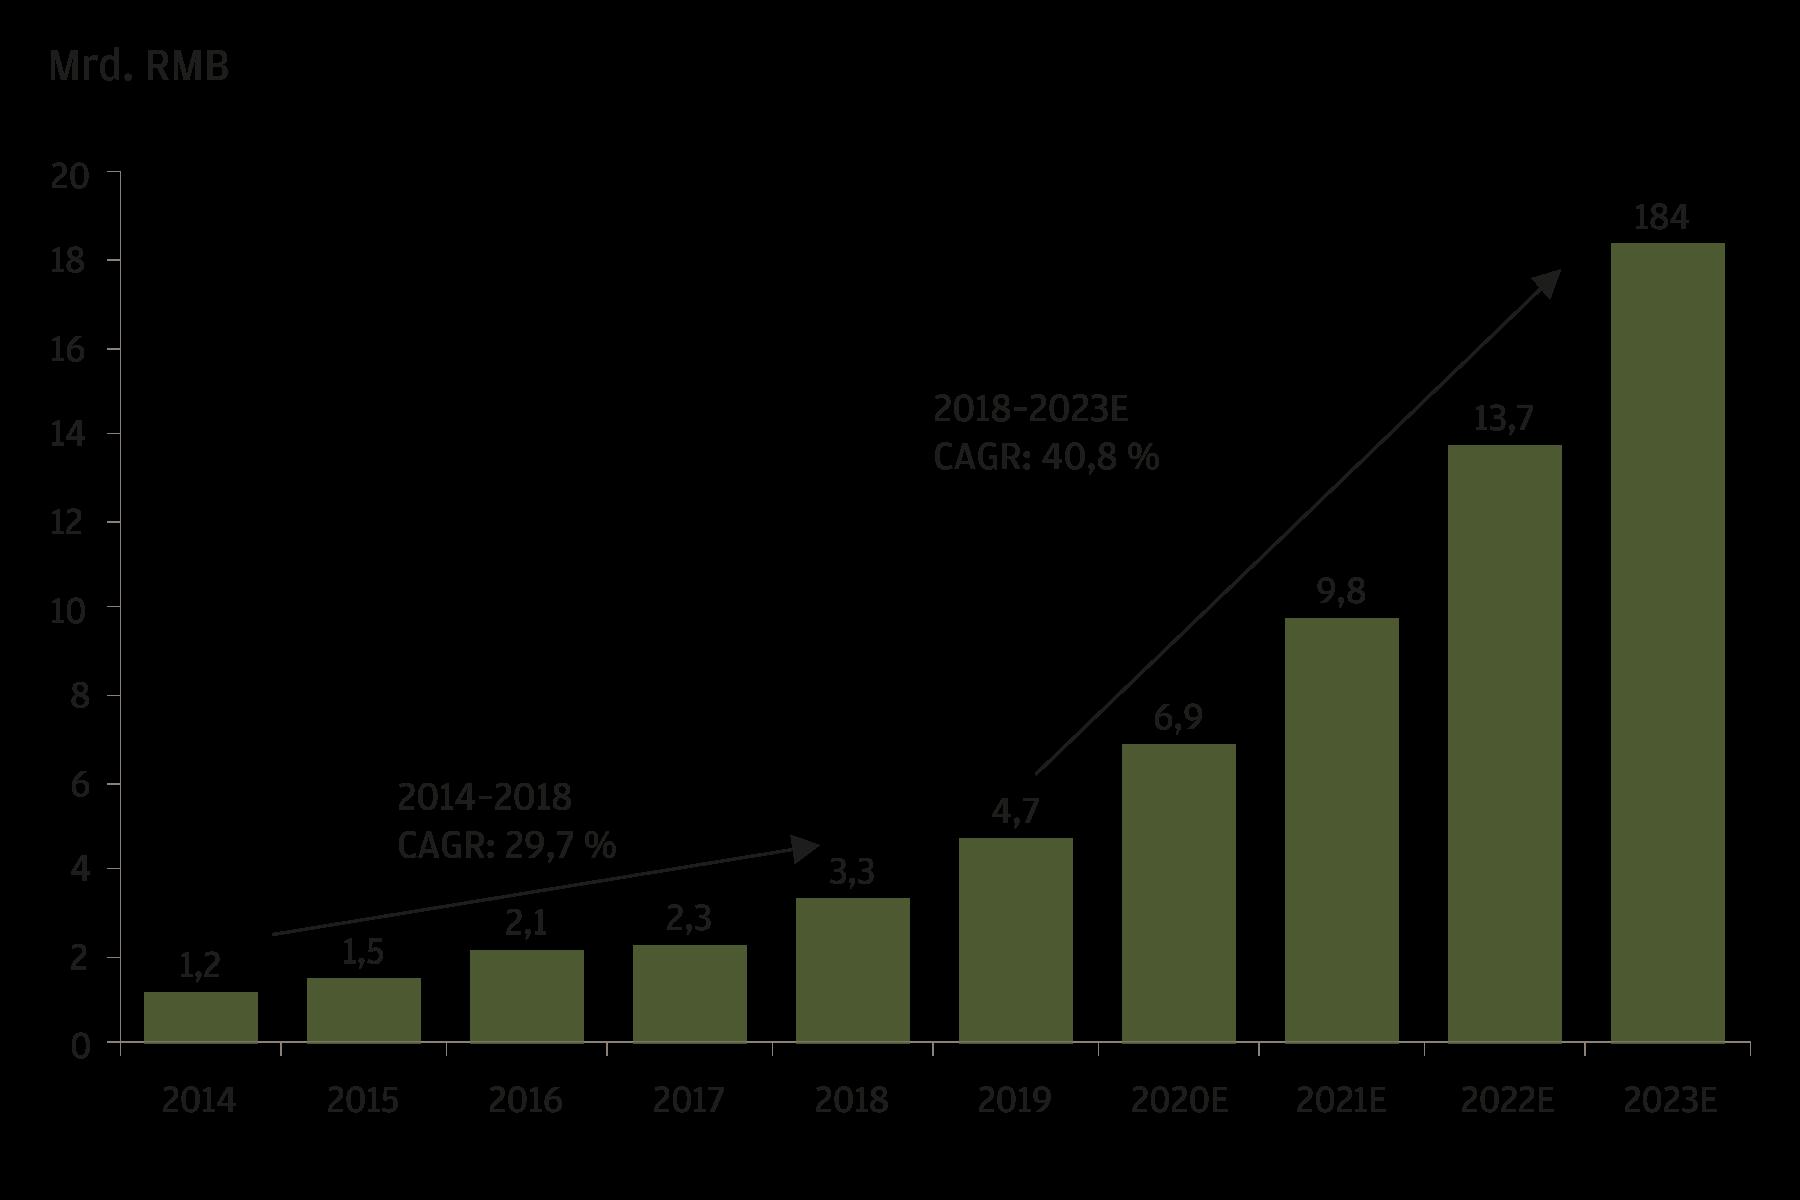 Diese Grafik zeigt die historische und zukünftige prognostizierte Wachstumsrate des chinesischen Outsourcing-Marktes für Biologika von 2014 bis 2023. Die Zahlen von 2020 bis 2023 sind Prognosen. Von 2014 bis 2018 wuchs der Markt mit einer durchschnittlichen jährlichen Wachstumsrate (CAGR) von 29,7 %. Die prognostizierte durchschnittliche jährliche Wachstumsrate von 2018 bis 2023 beträgt 40,8 %.